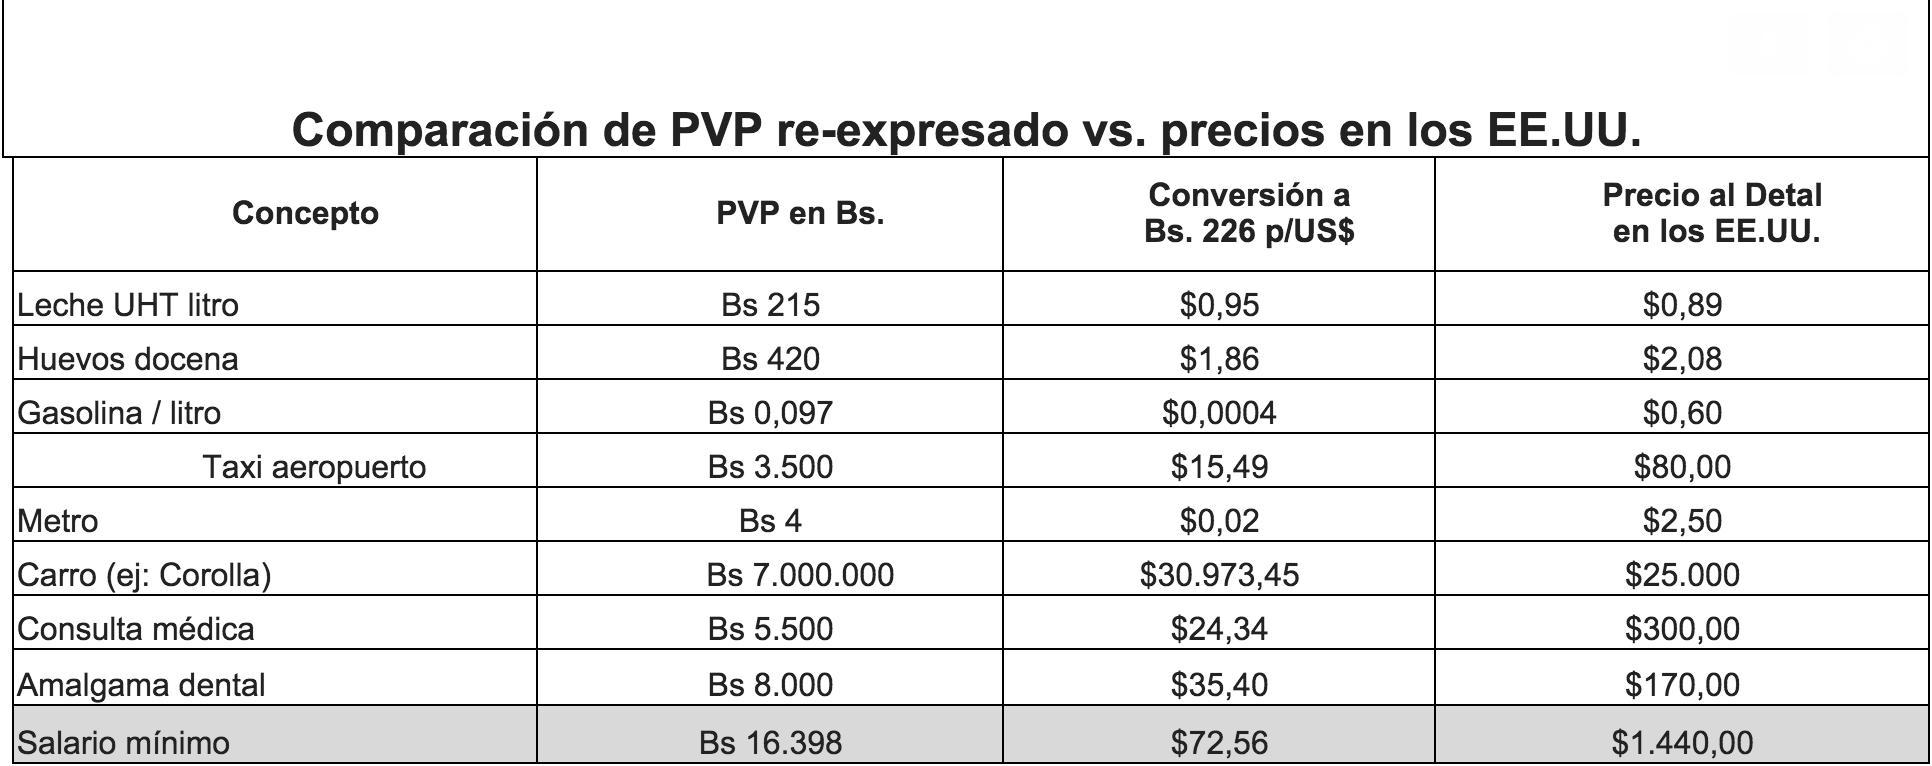 ComparacióndePVP re-expresadovsprecios enEE.UU.